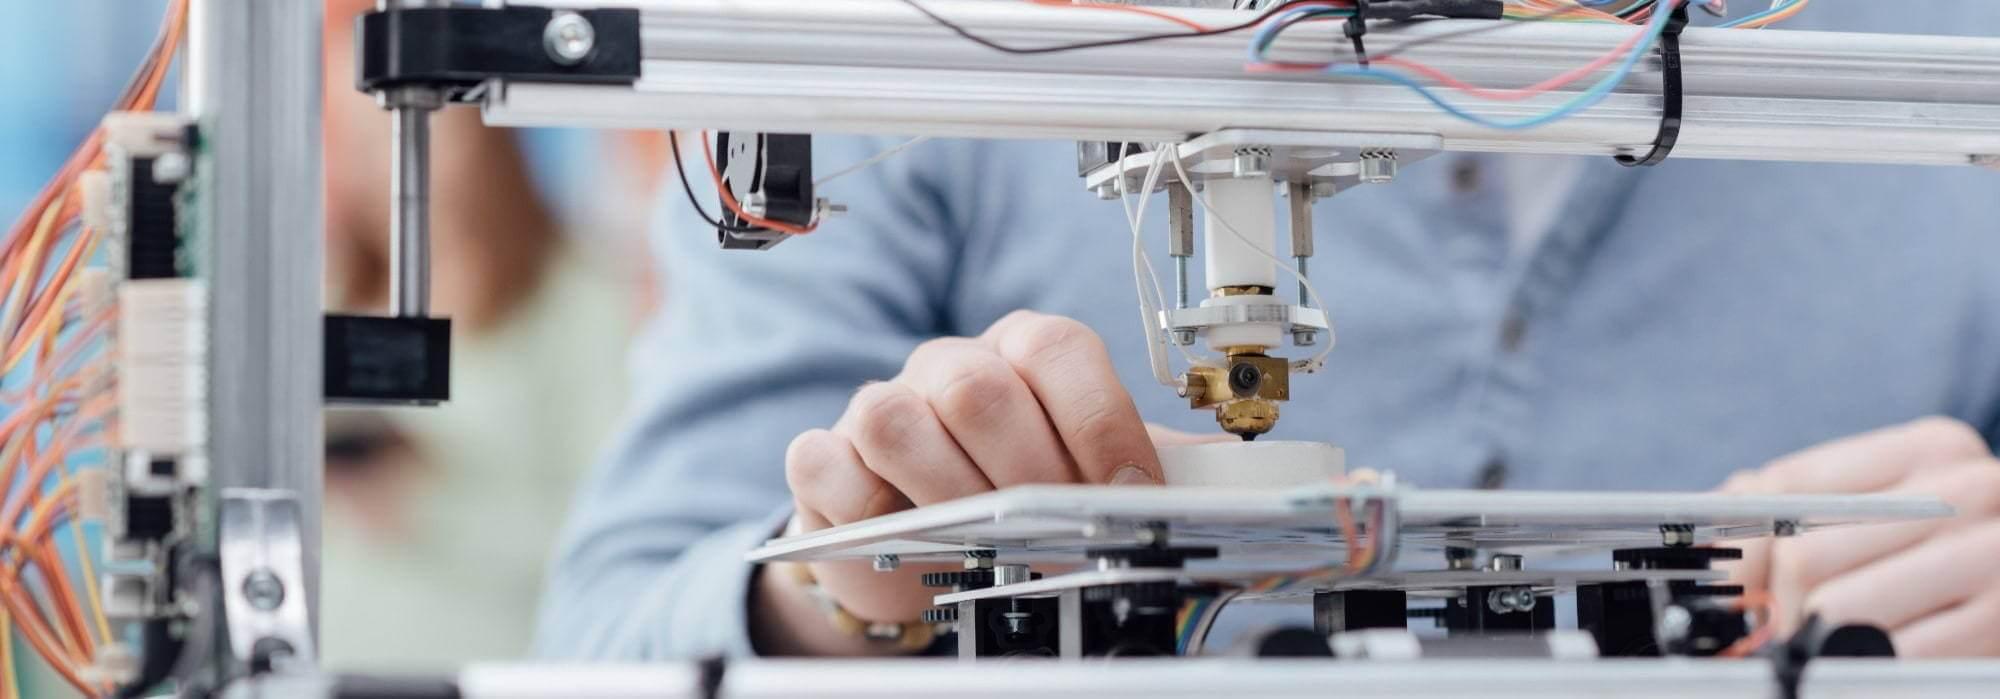 الهندسة ليست مواد تدرس, بل أسلوب حياة بريمو هندسة primo engineering